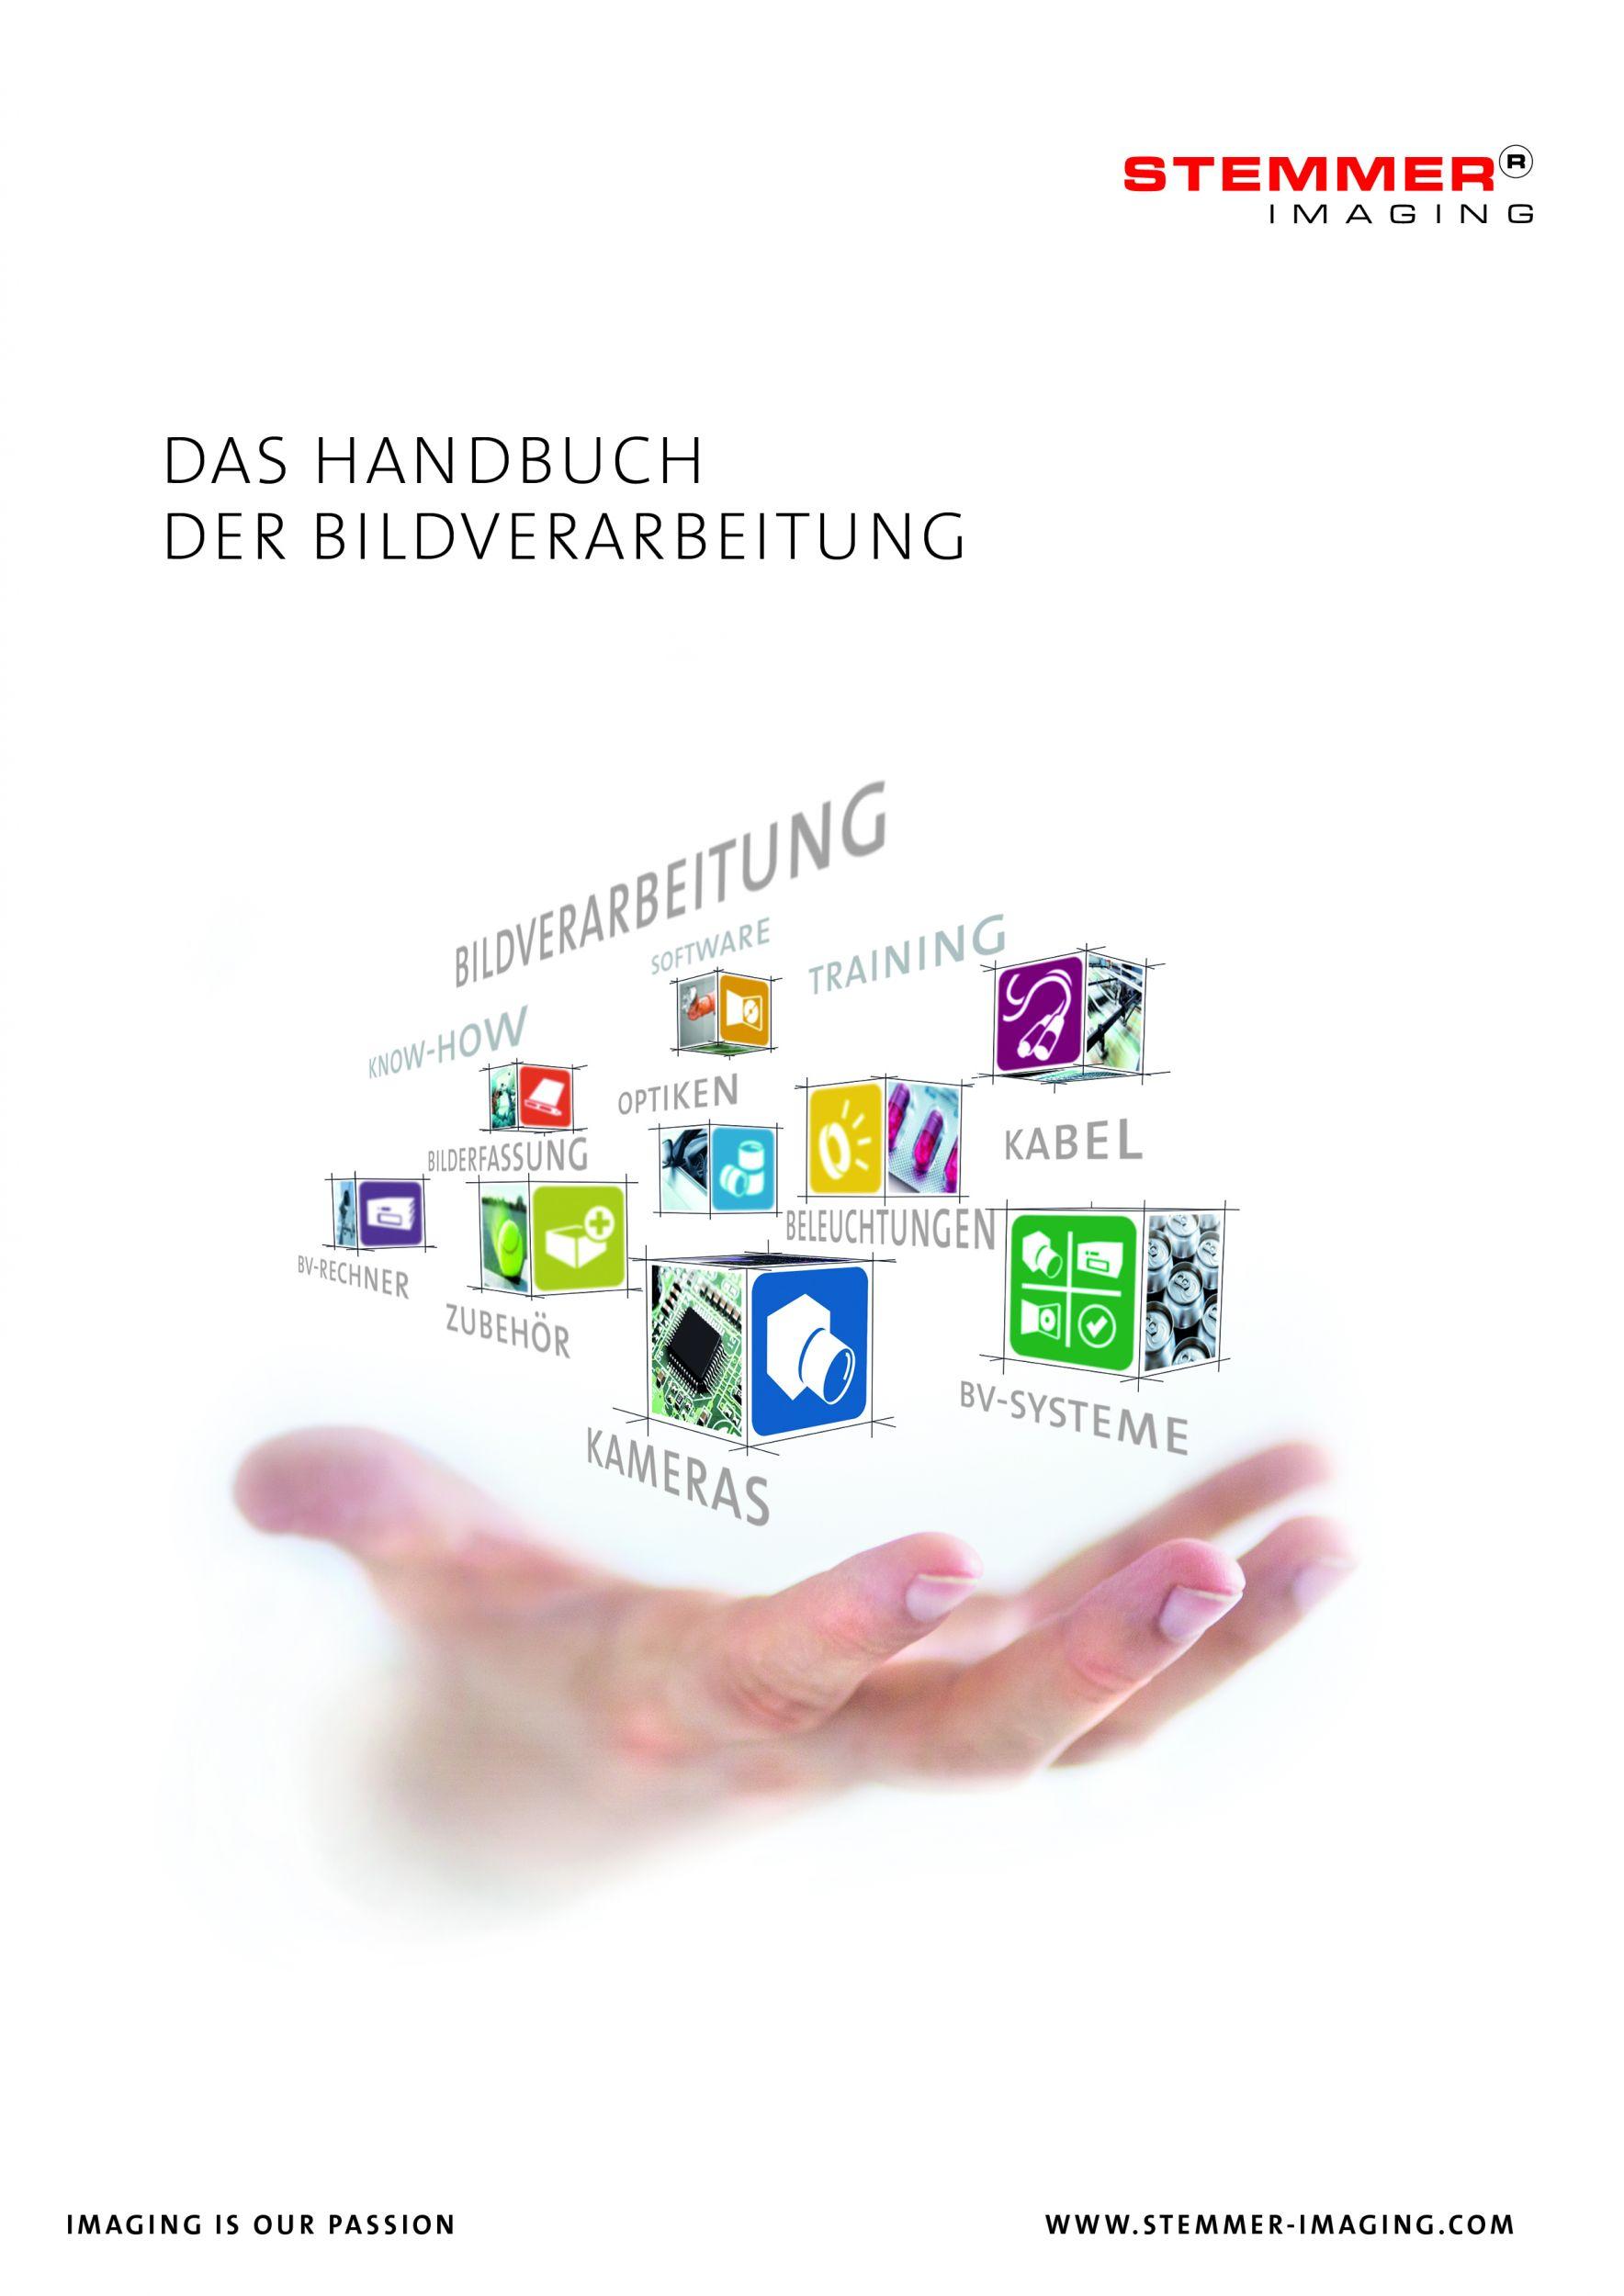 Dritte Auflage des 'Handbuch der Bildverarbeitung'